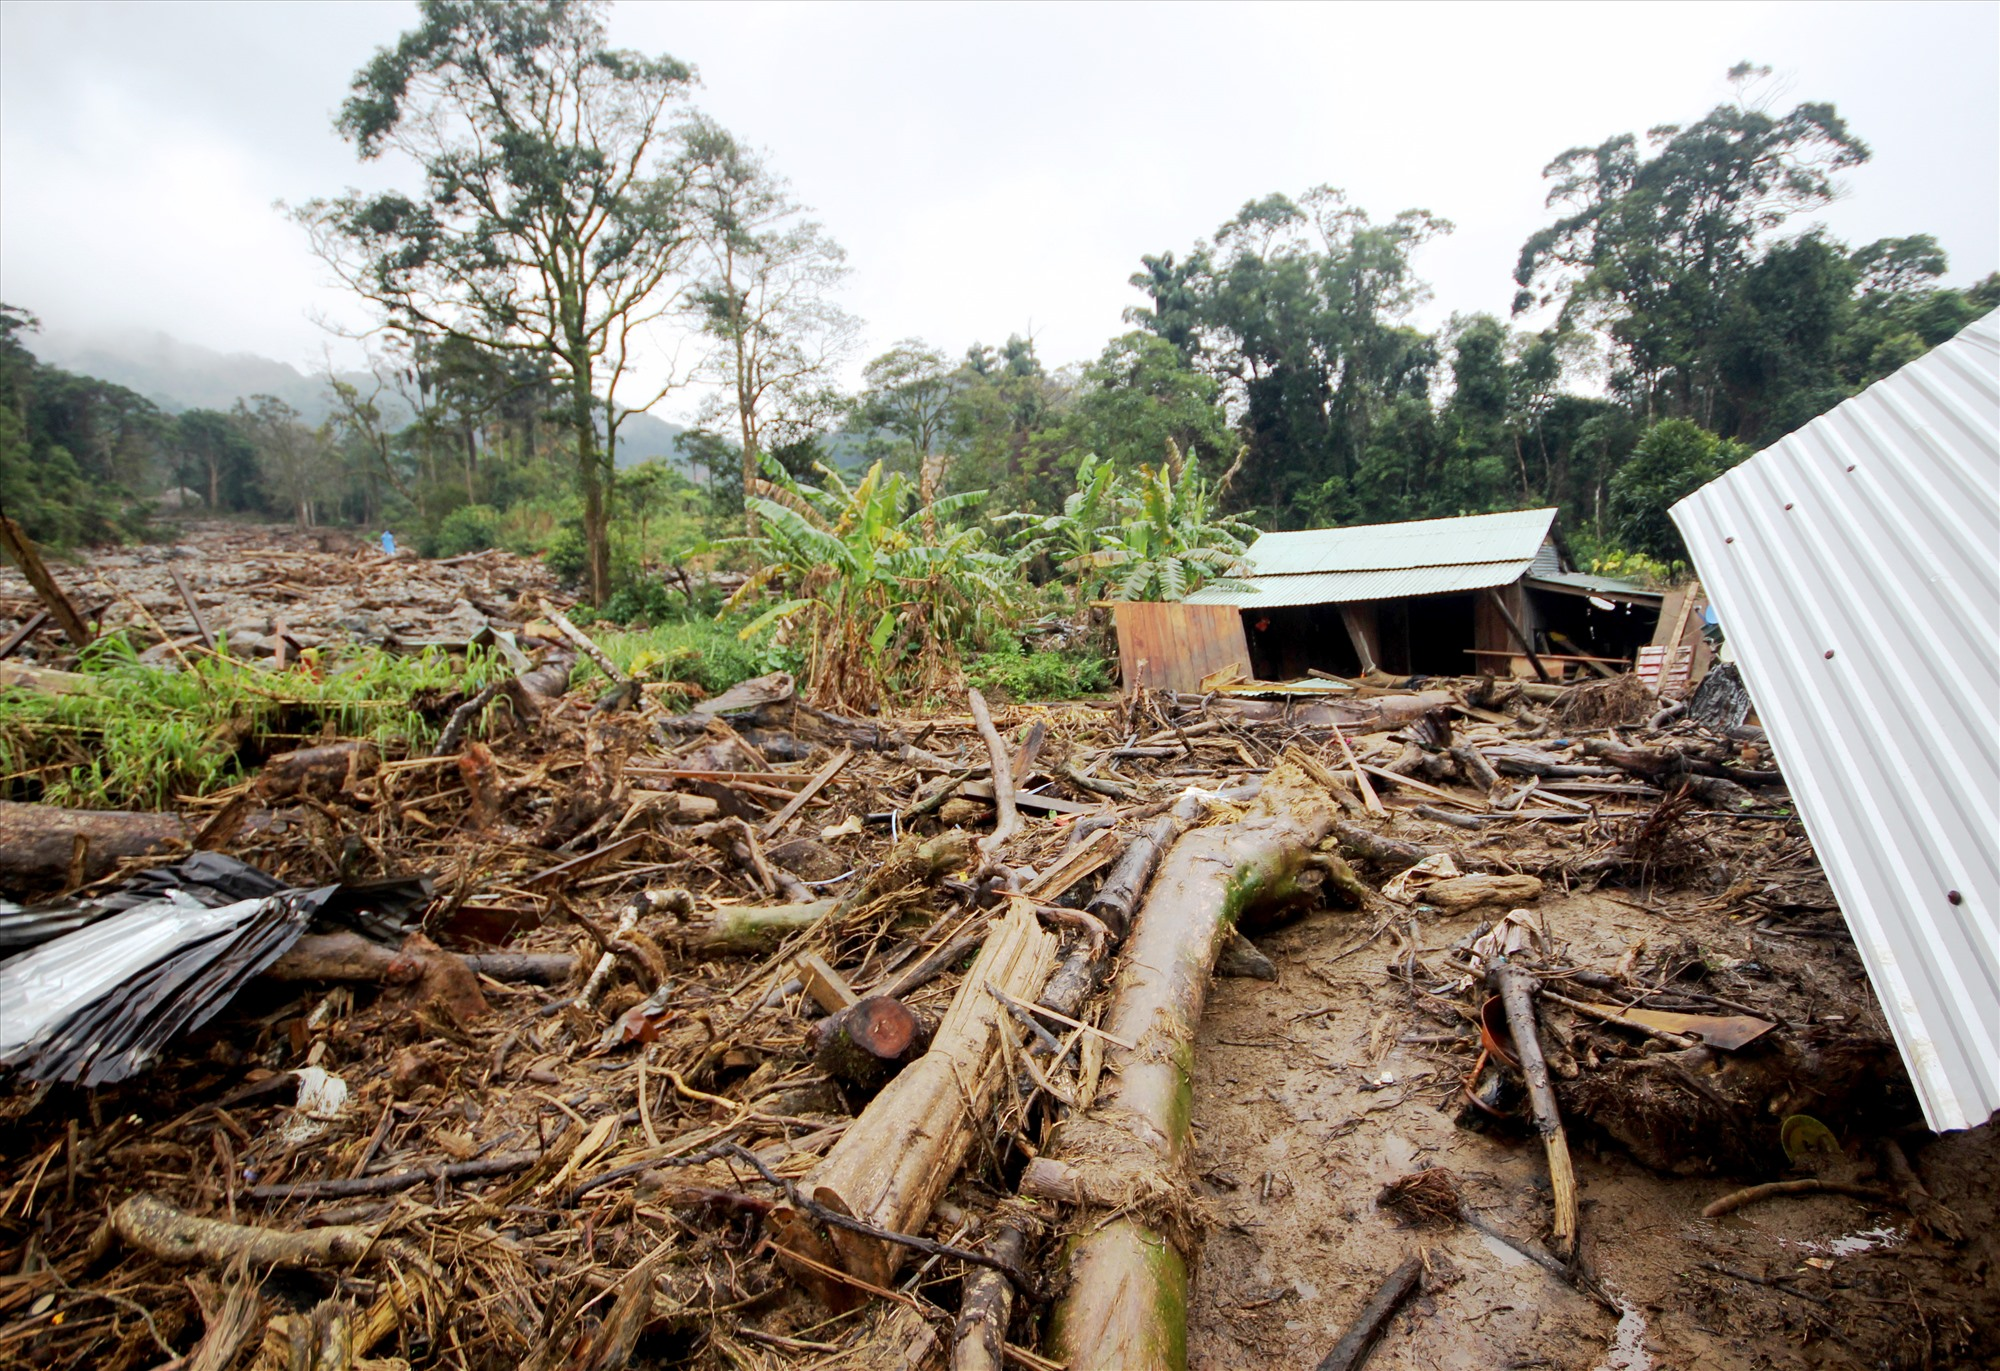 Chỉ còn vài căn nhà còn may mắn sót lại sau trận lũ quét. Ảnh: T.C